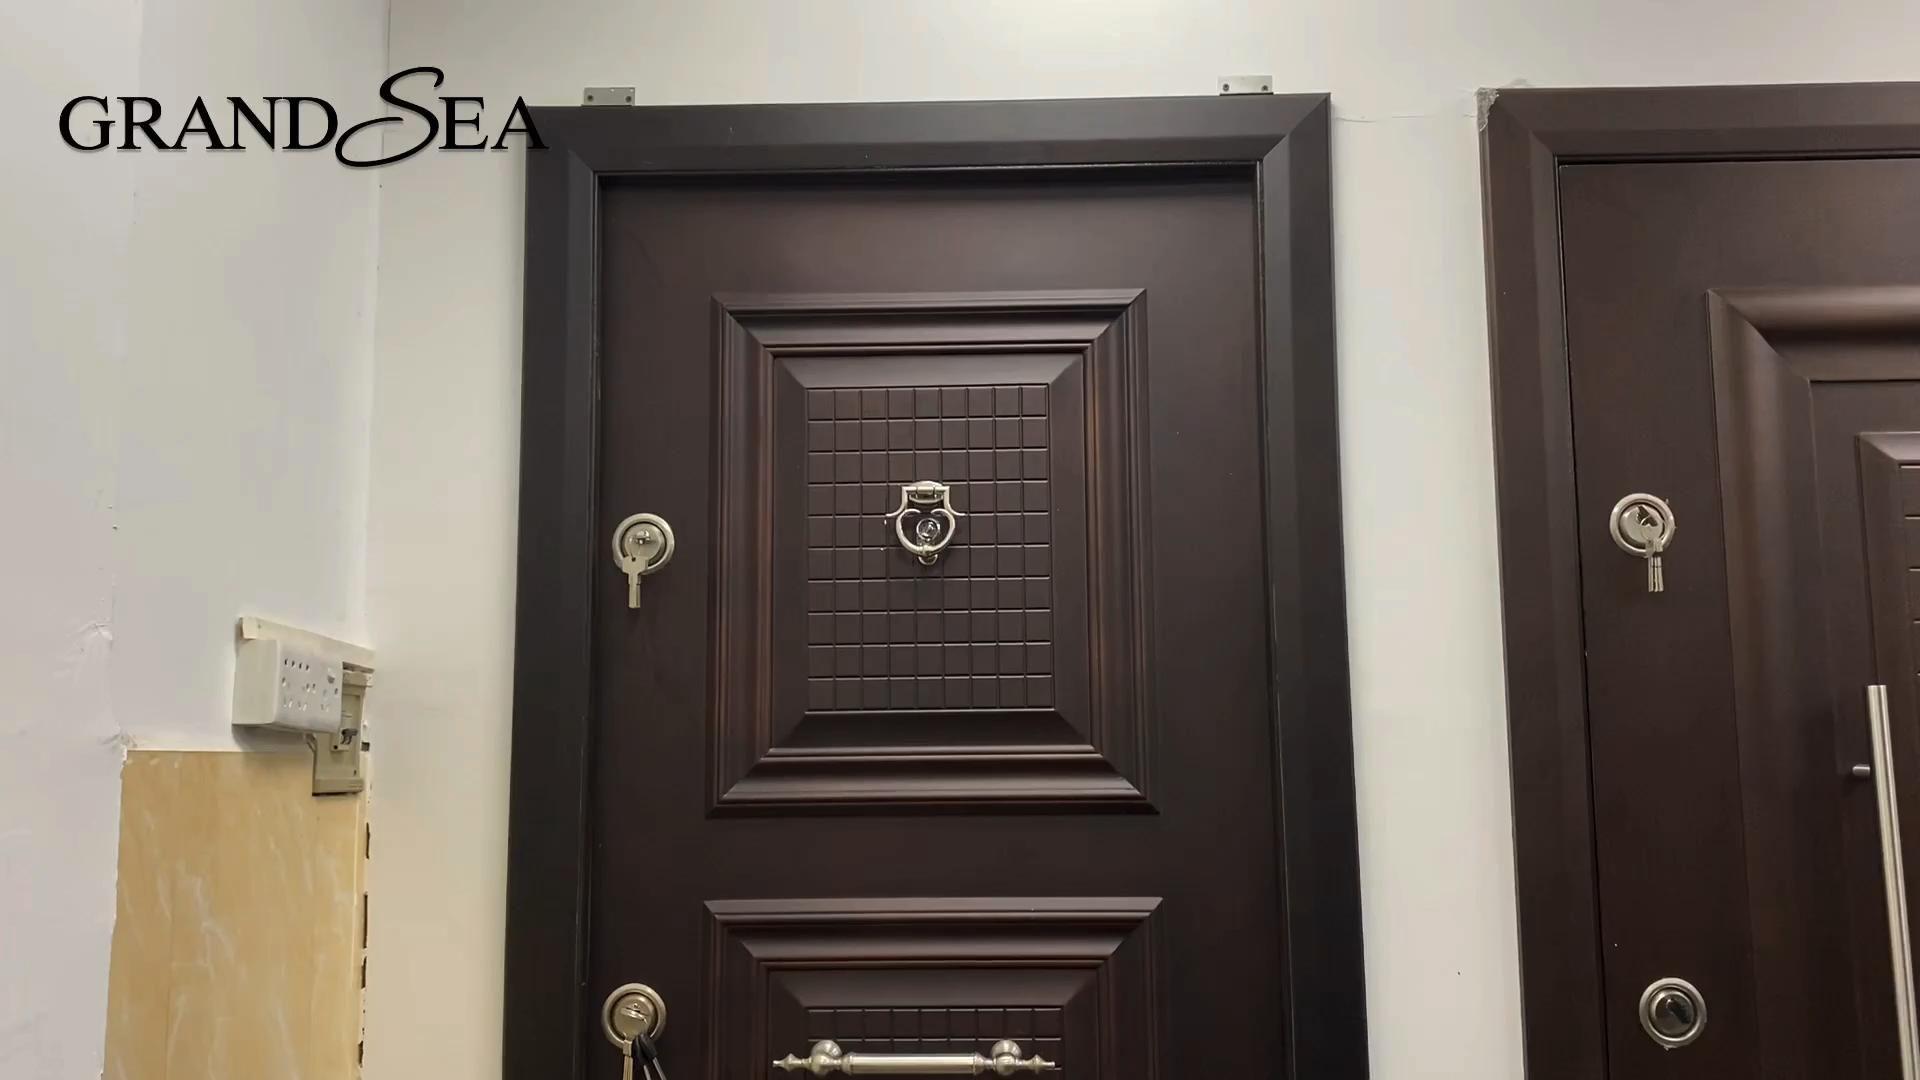 Turkey armored steel door